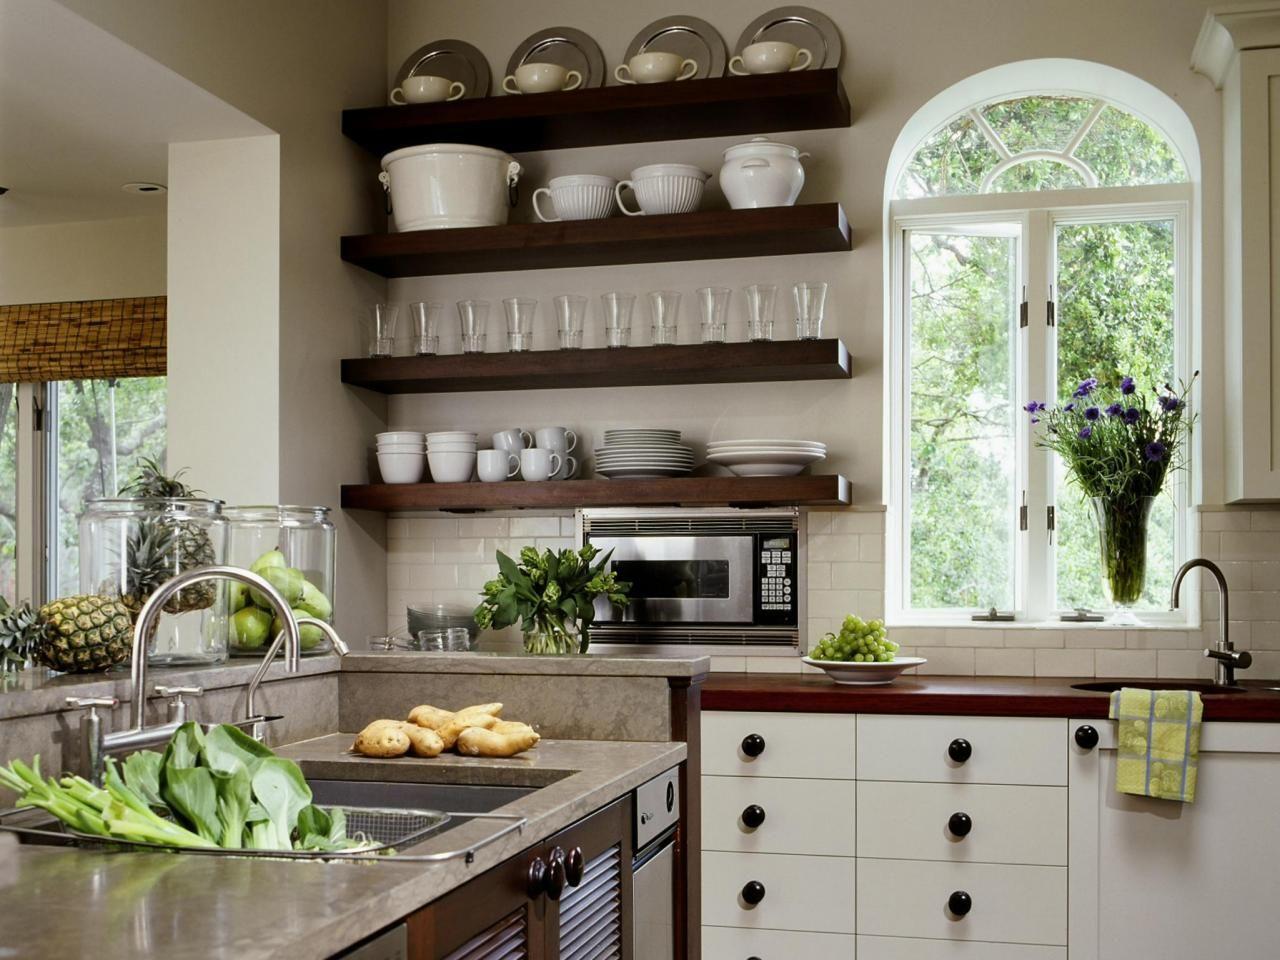 Küchenfenster ideen über spüle wie wählen sie weiße küchenspüle  spüle ist wichtiges element für